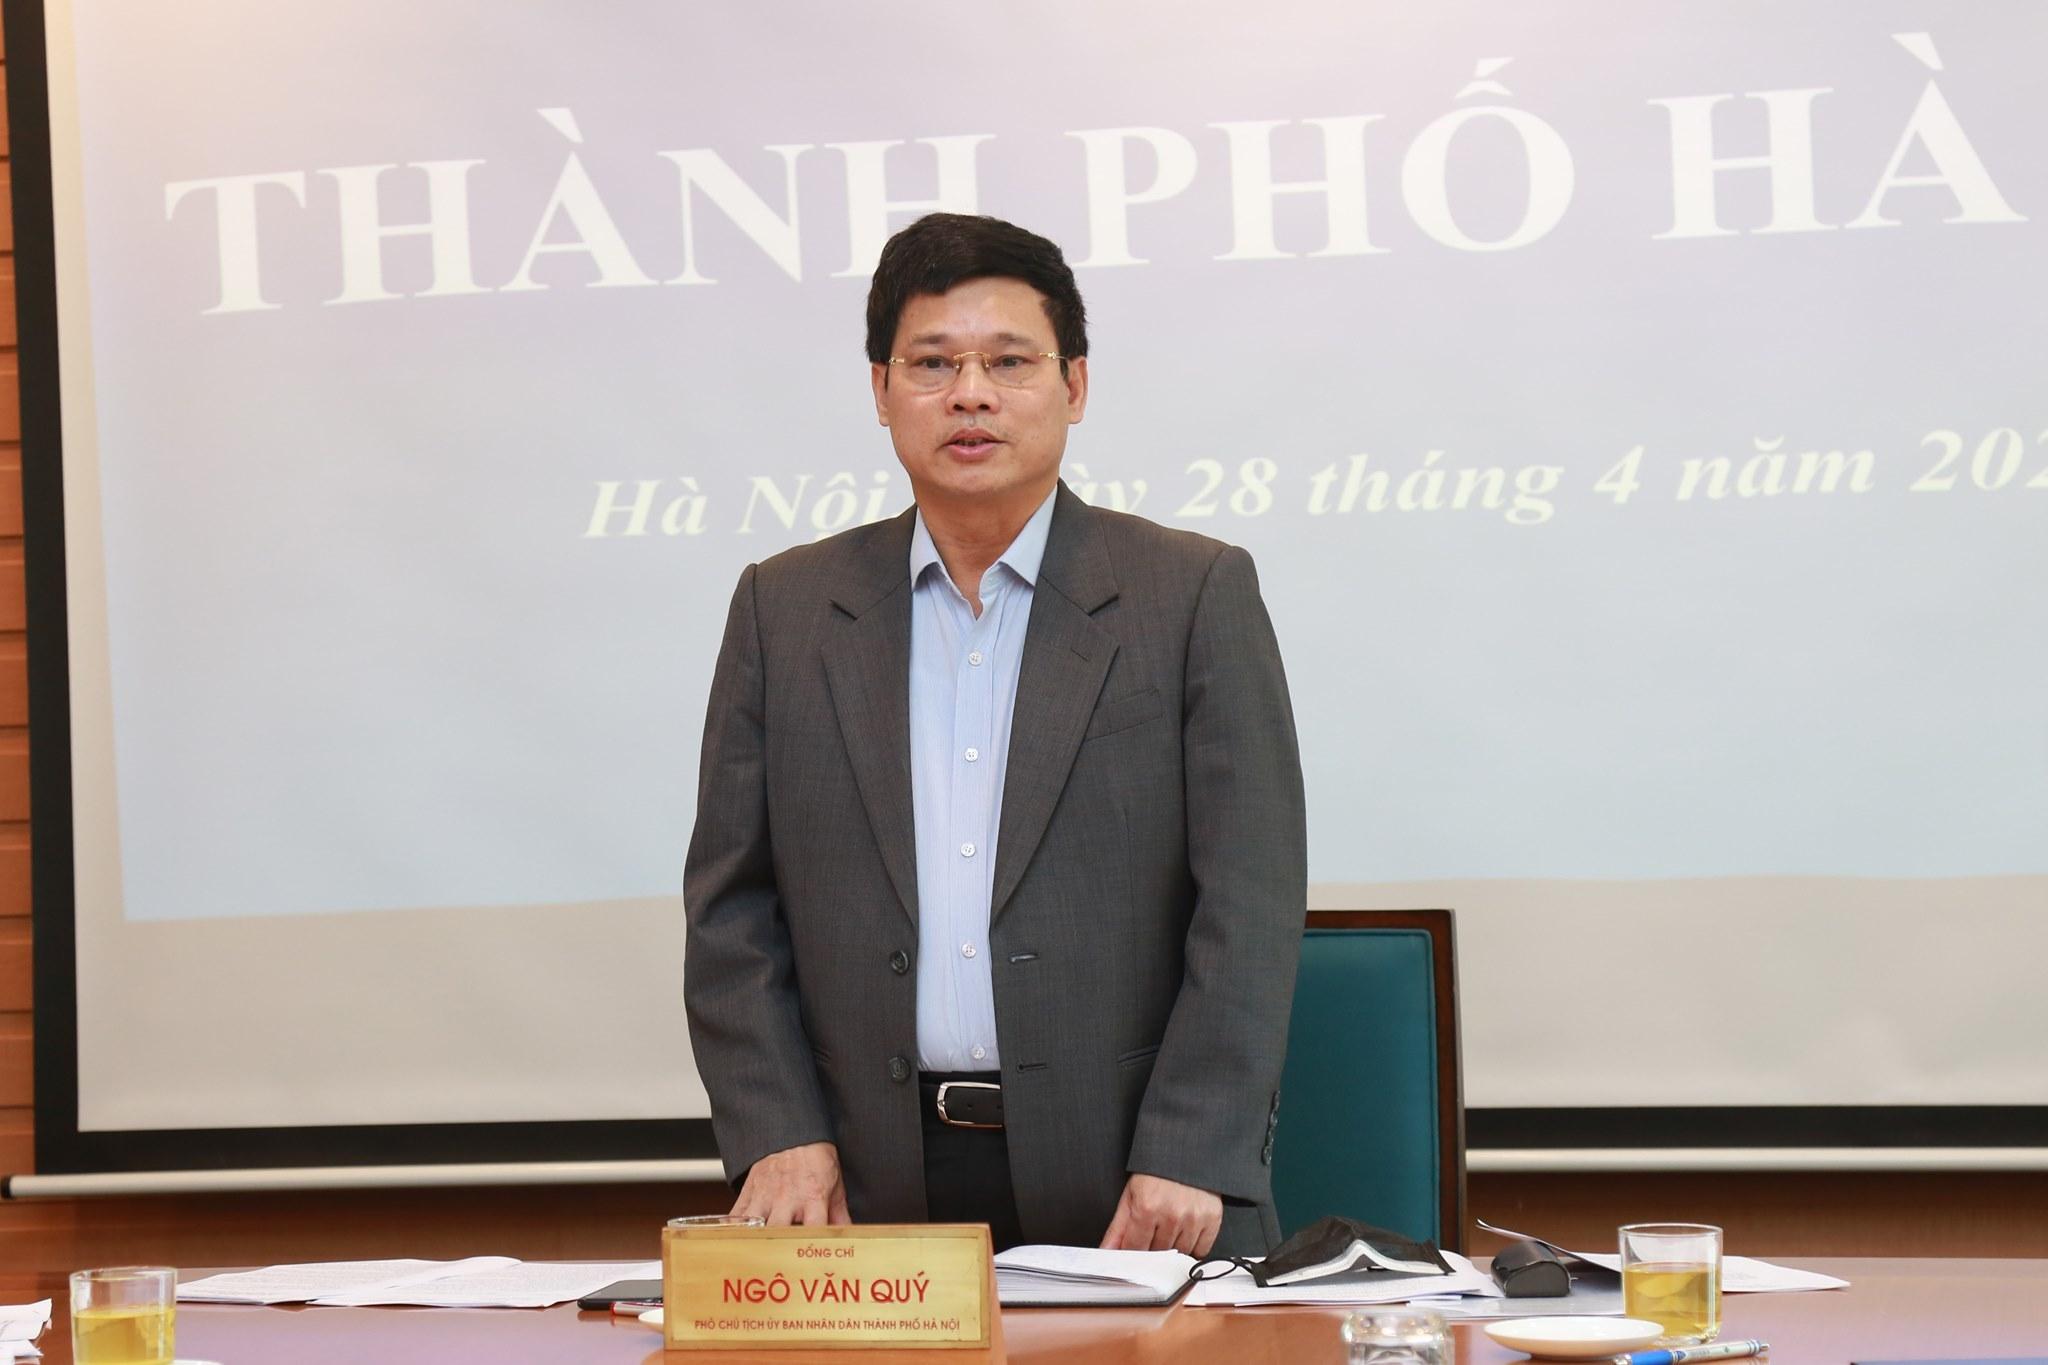 Không có ca nhiễm mới, Hà Nội xin xuống nhóm nguy cơ thấp